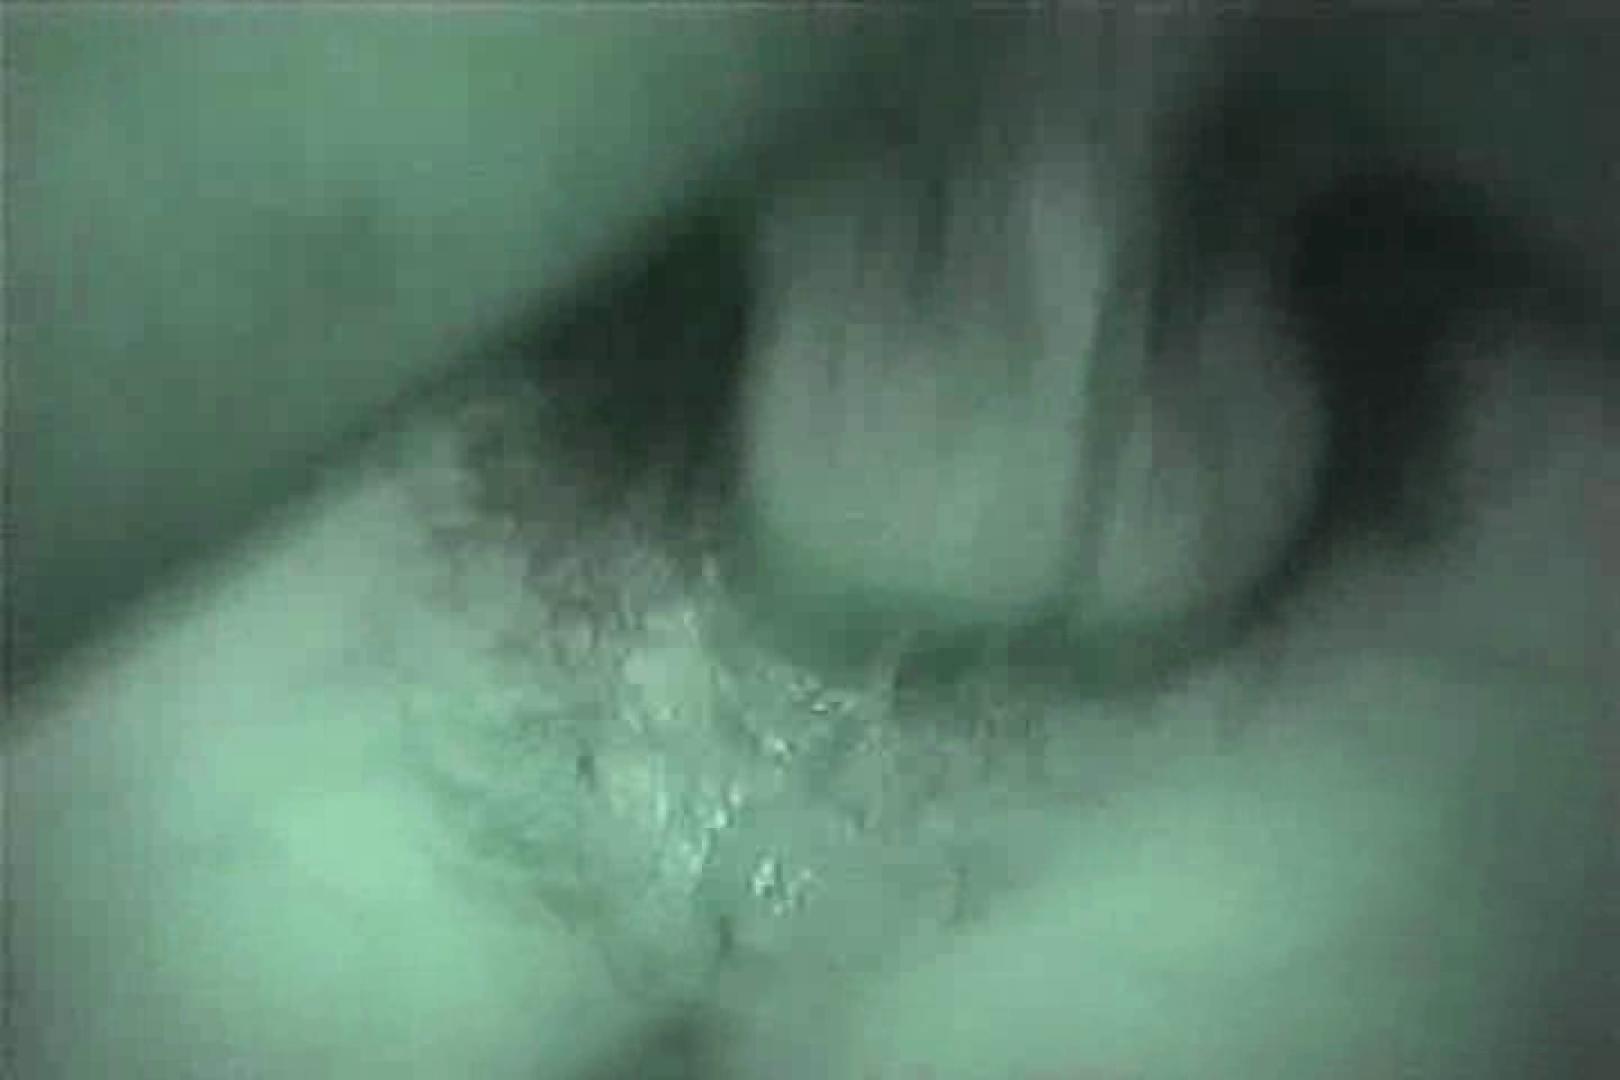 MASAさんの待ち伏せ撮り! 赤外線カーセックスVol.12 おまんこ無修正 AV無料動画キャプチャ 80pic 7